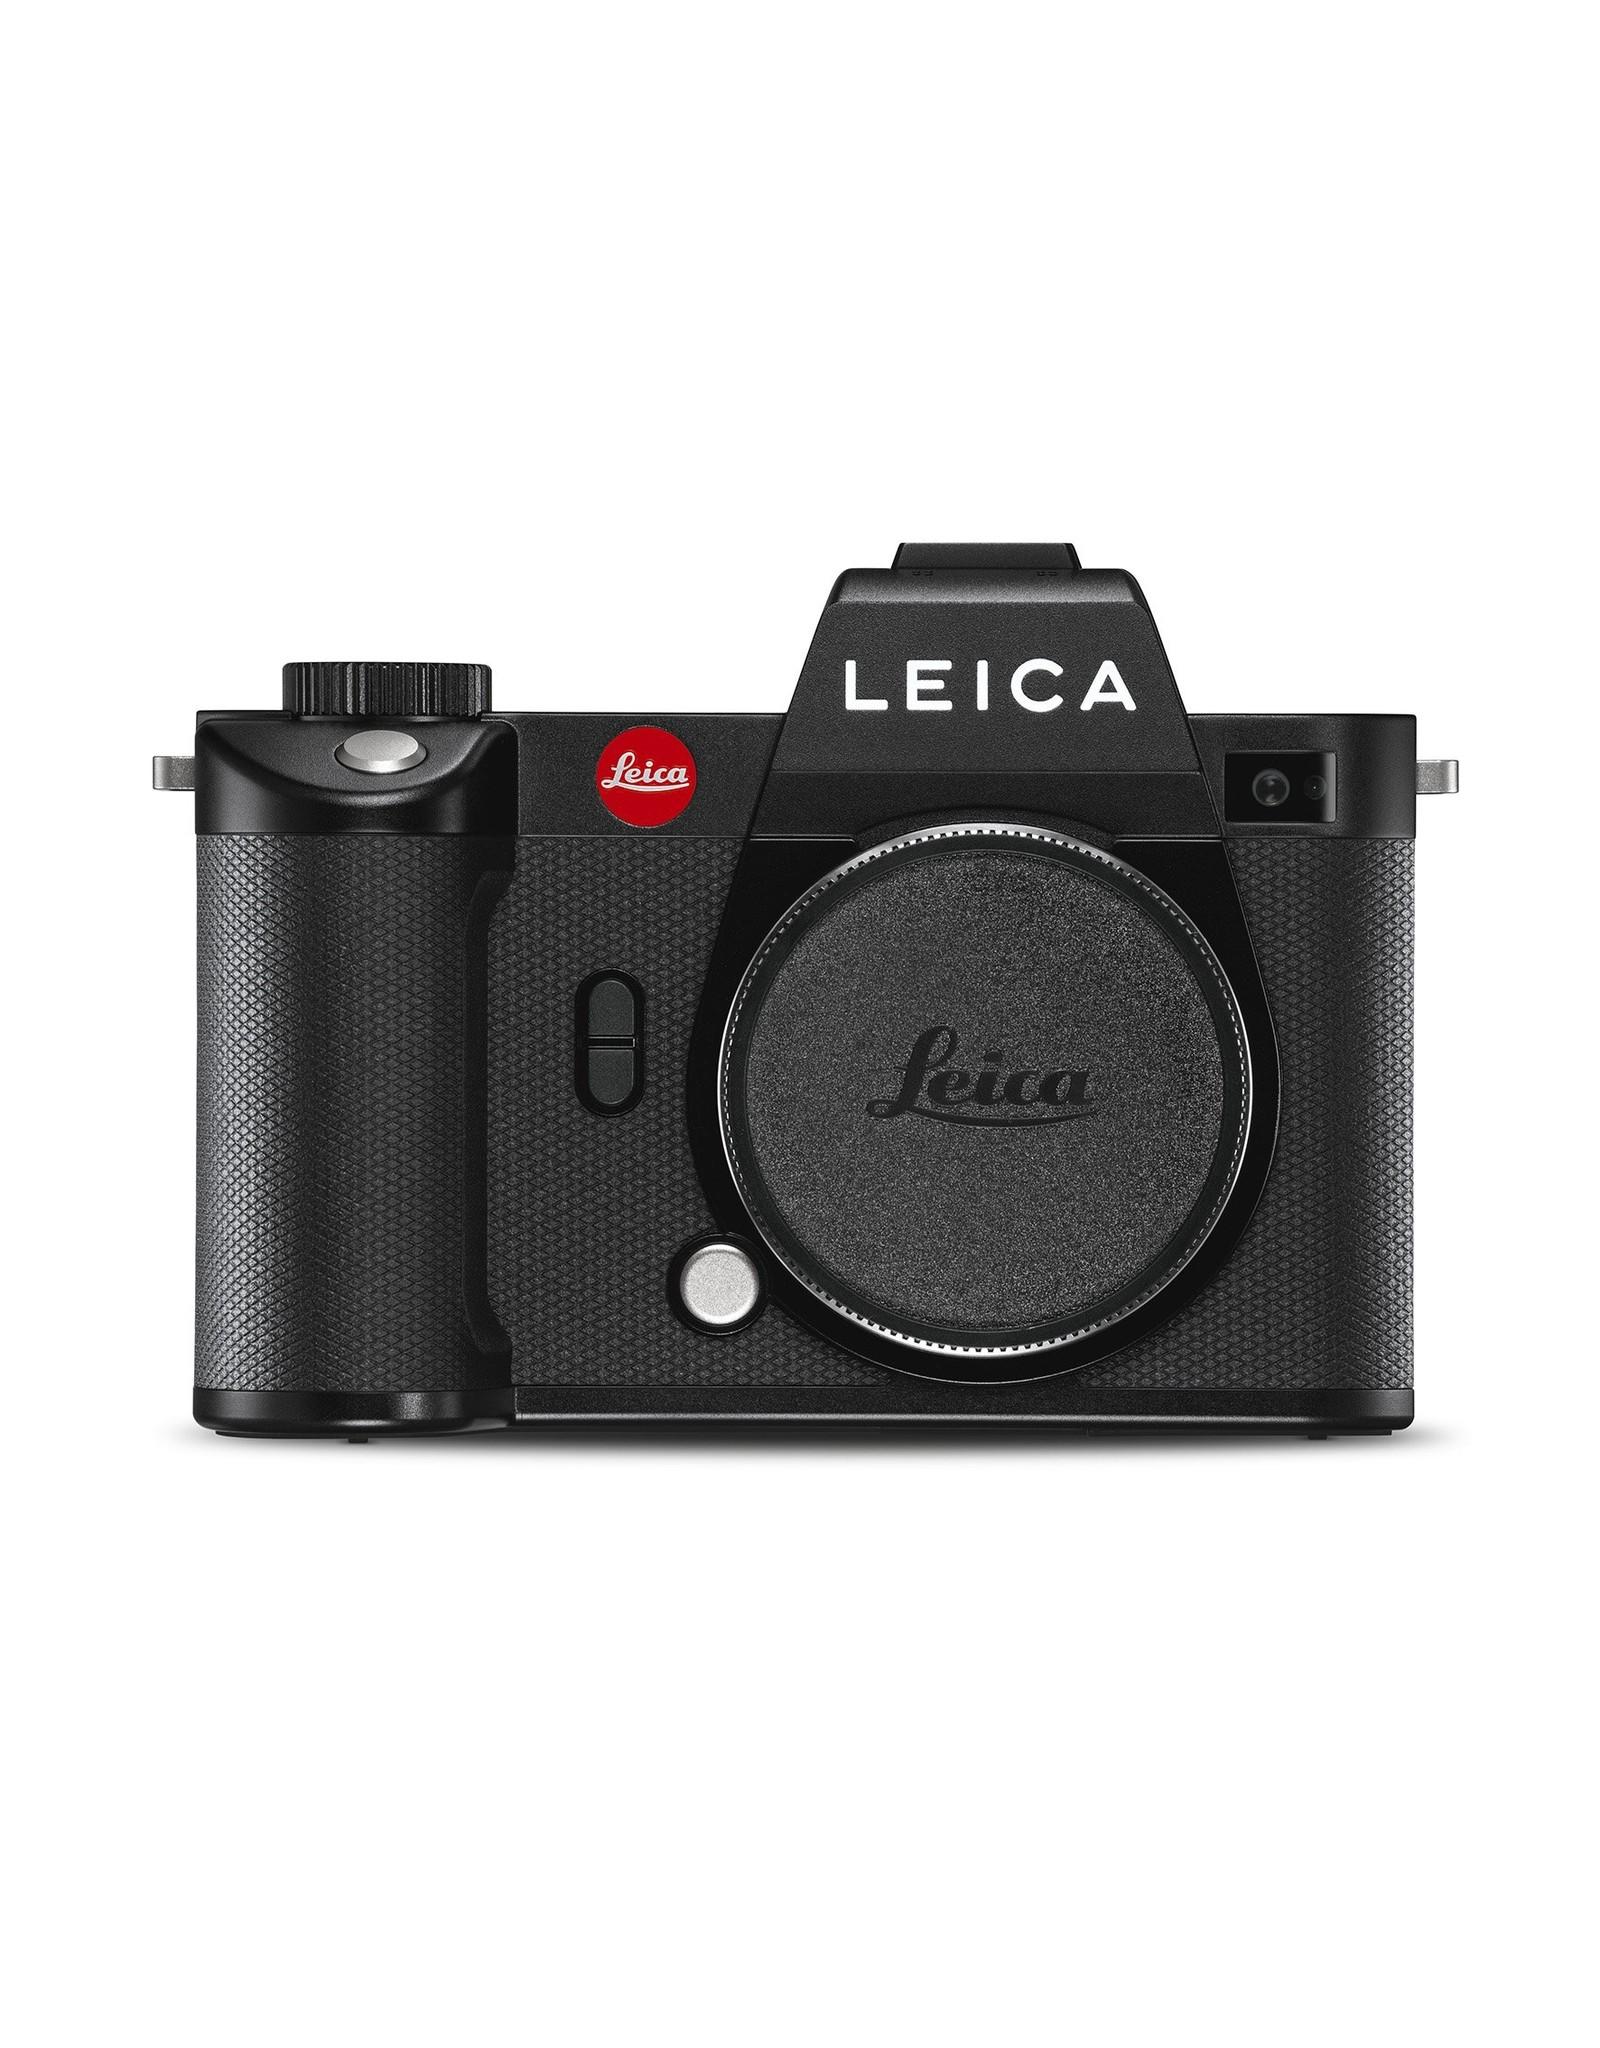 Leica Leica SL2 Black 108-54